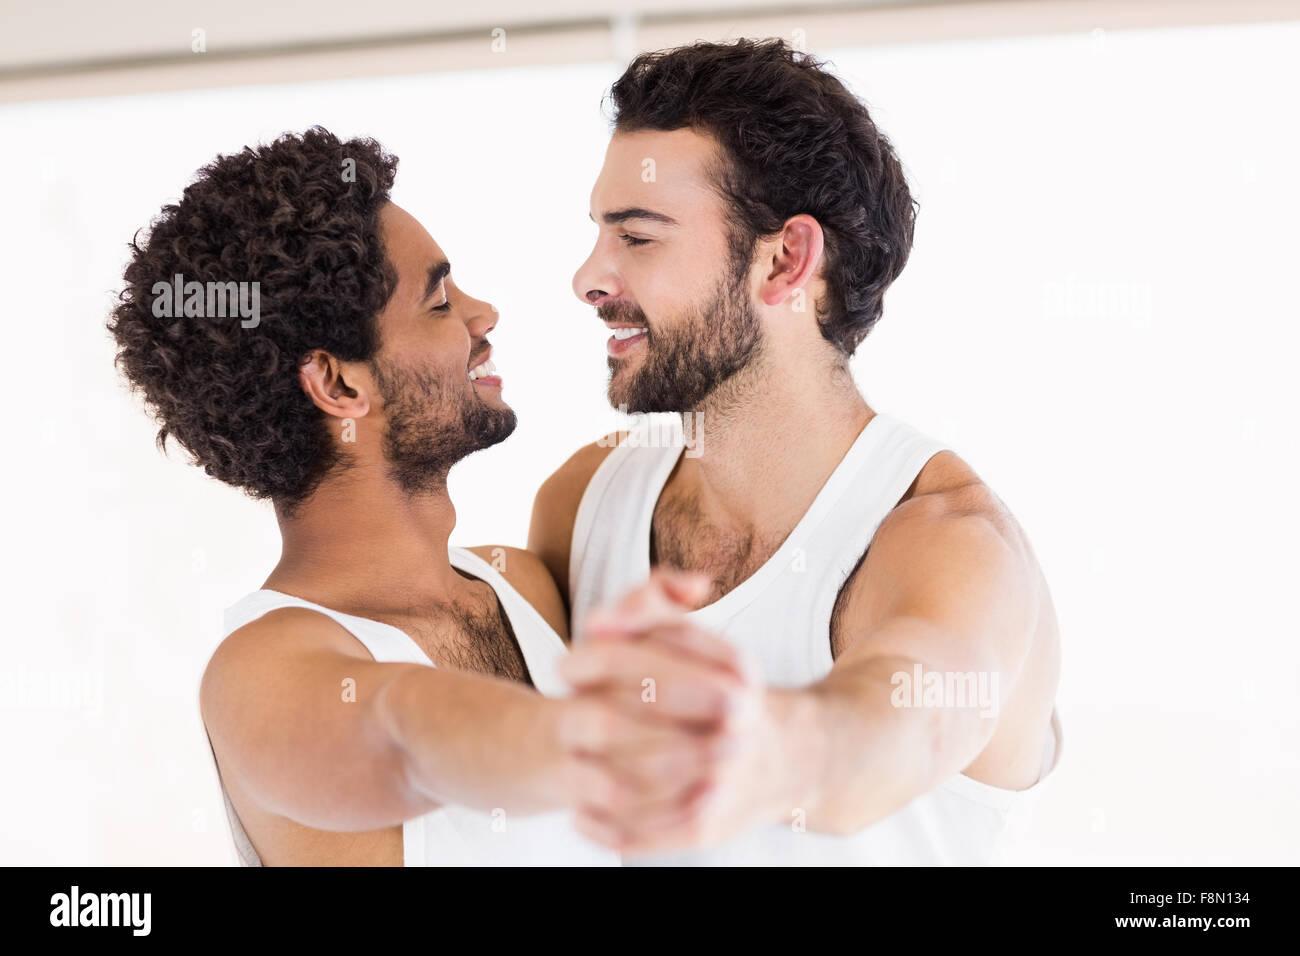 pareja de gay bailando